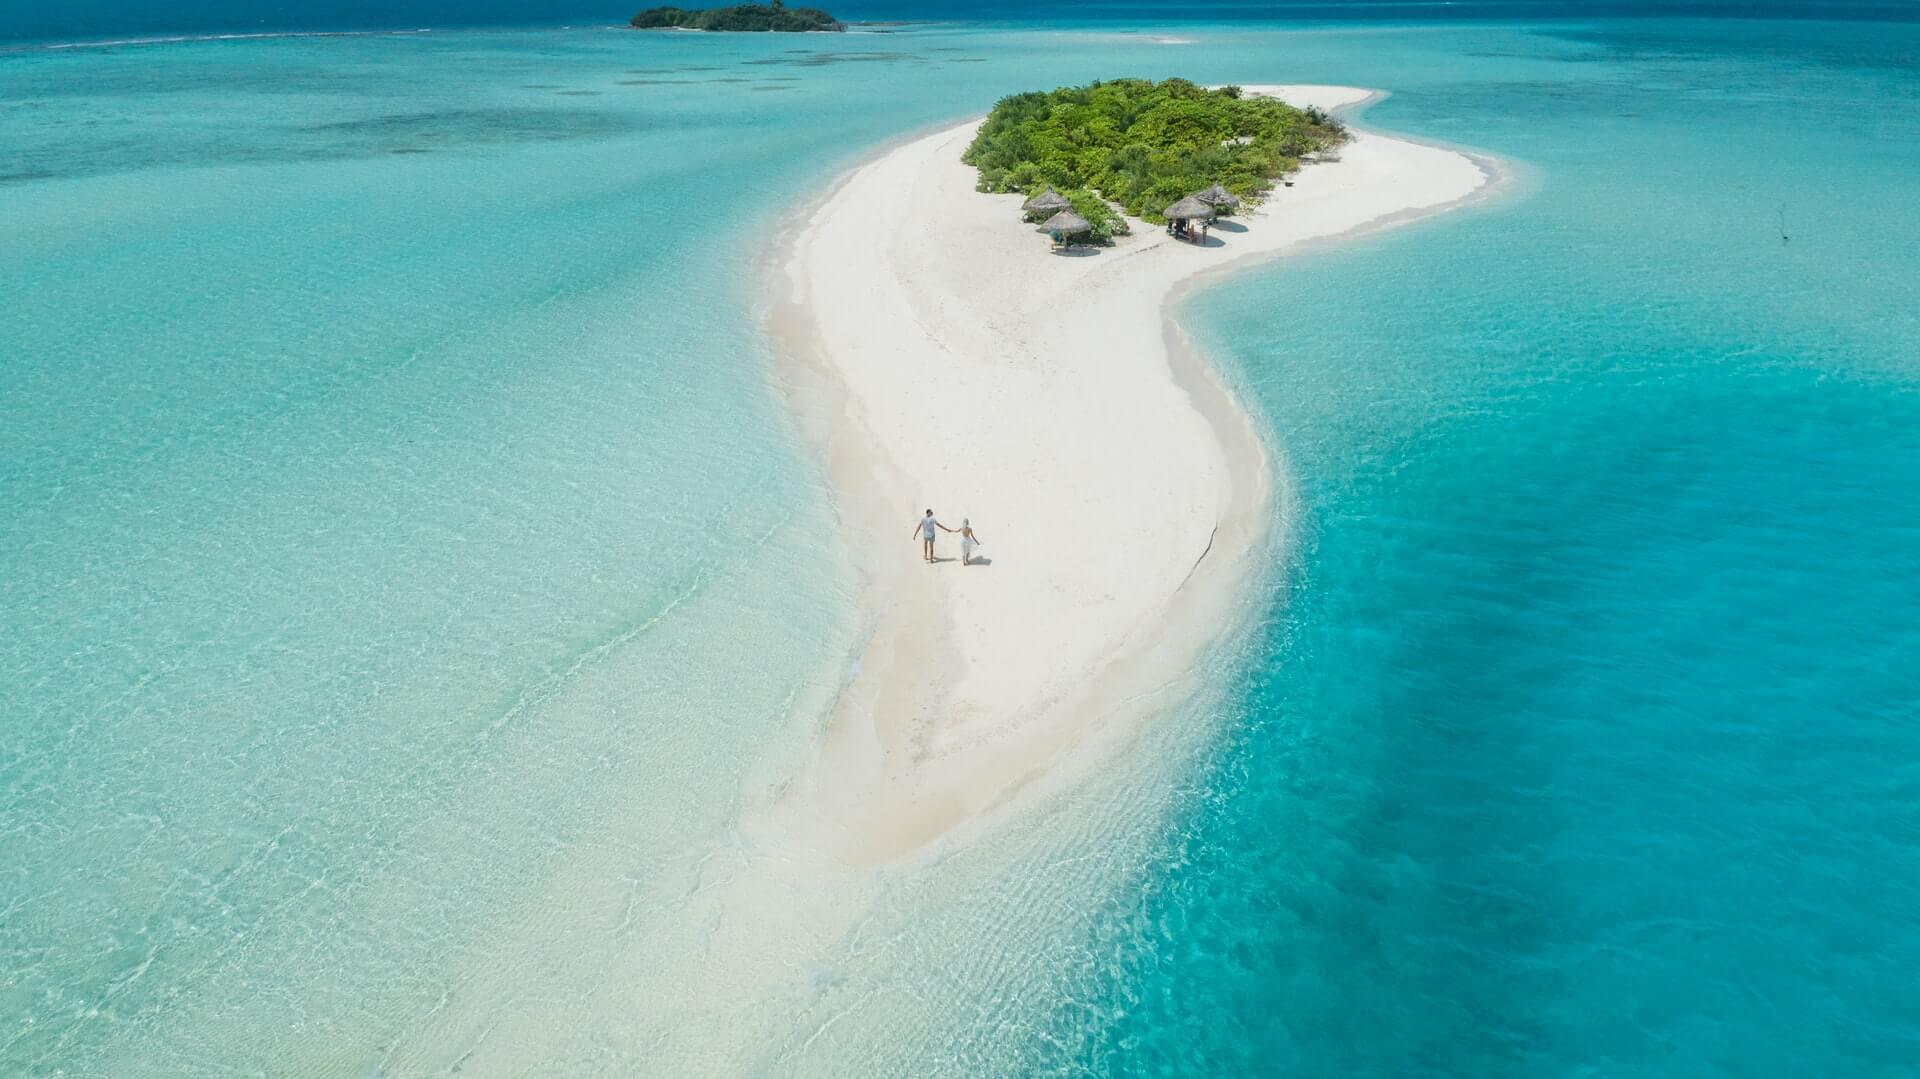 Maldives Sandbank Tours (w/ Price & Itinerary)